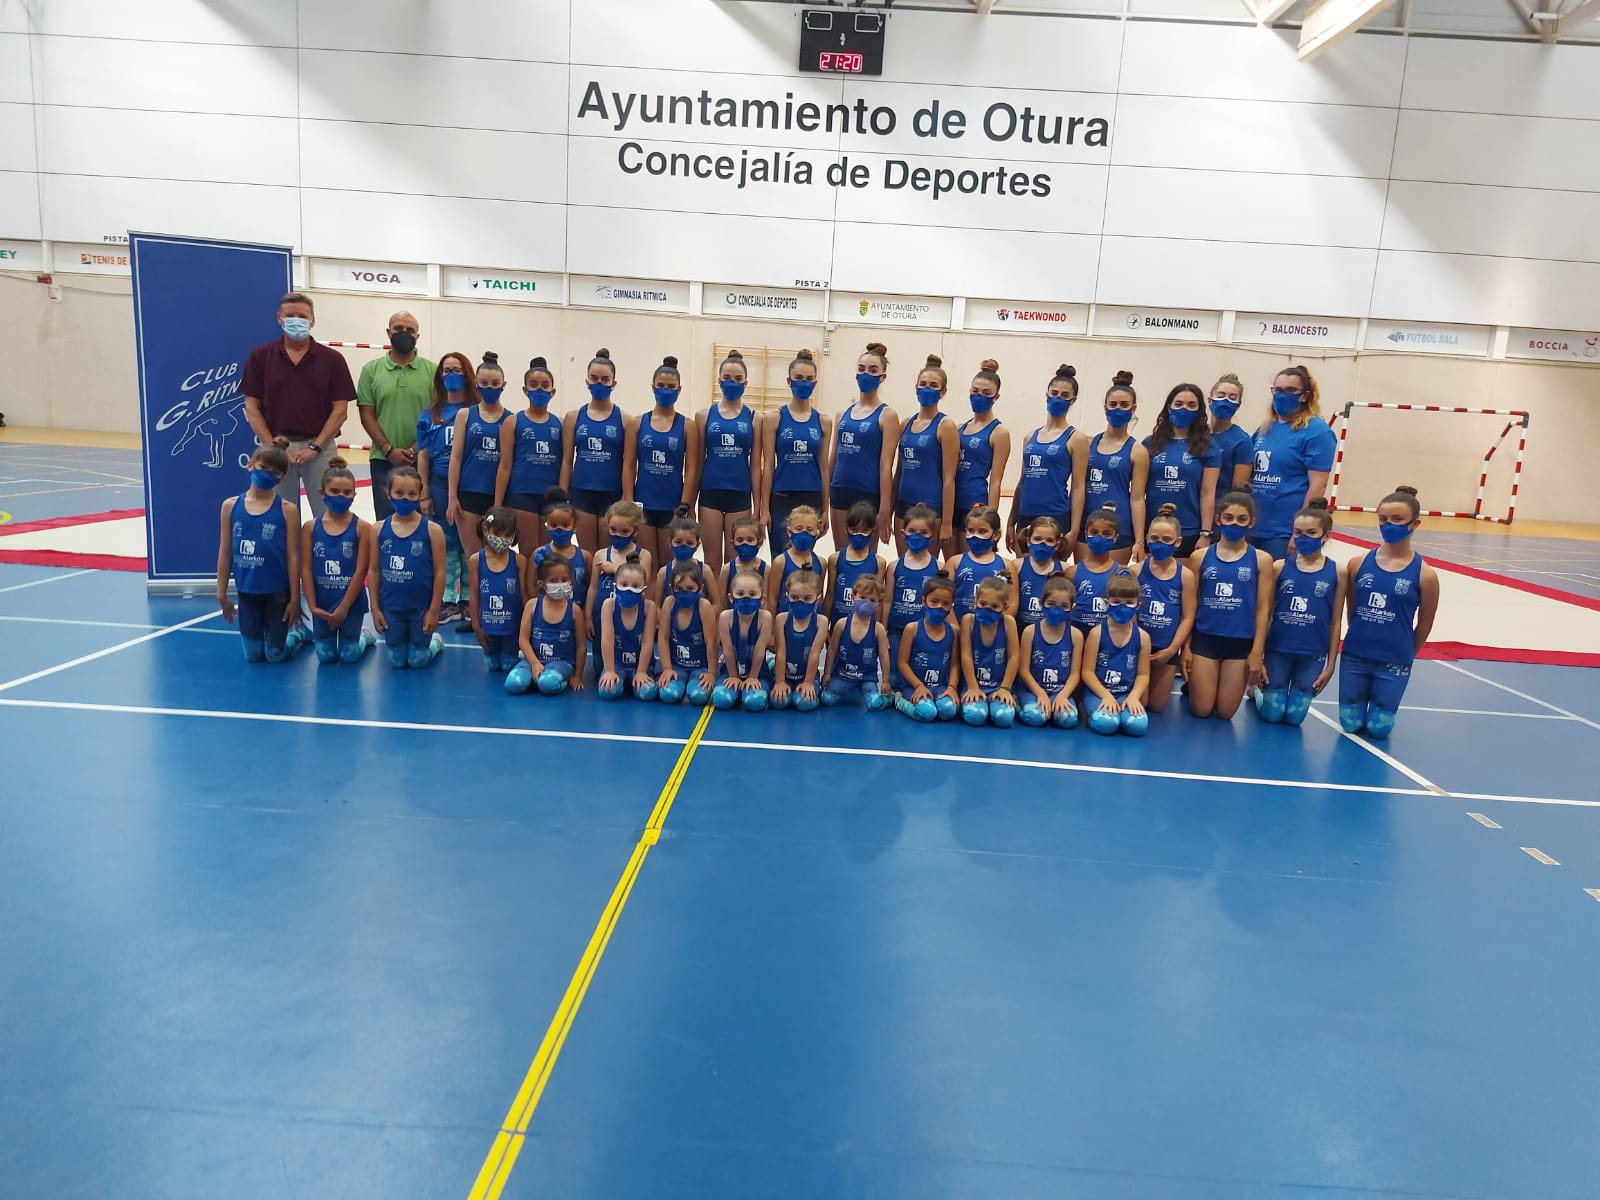 El club de rítmica 'Villa de Otura' pone el broche de oro a una temporada repleta de grandes logros